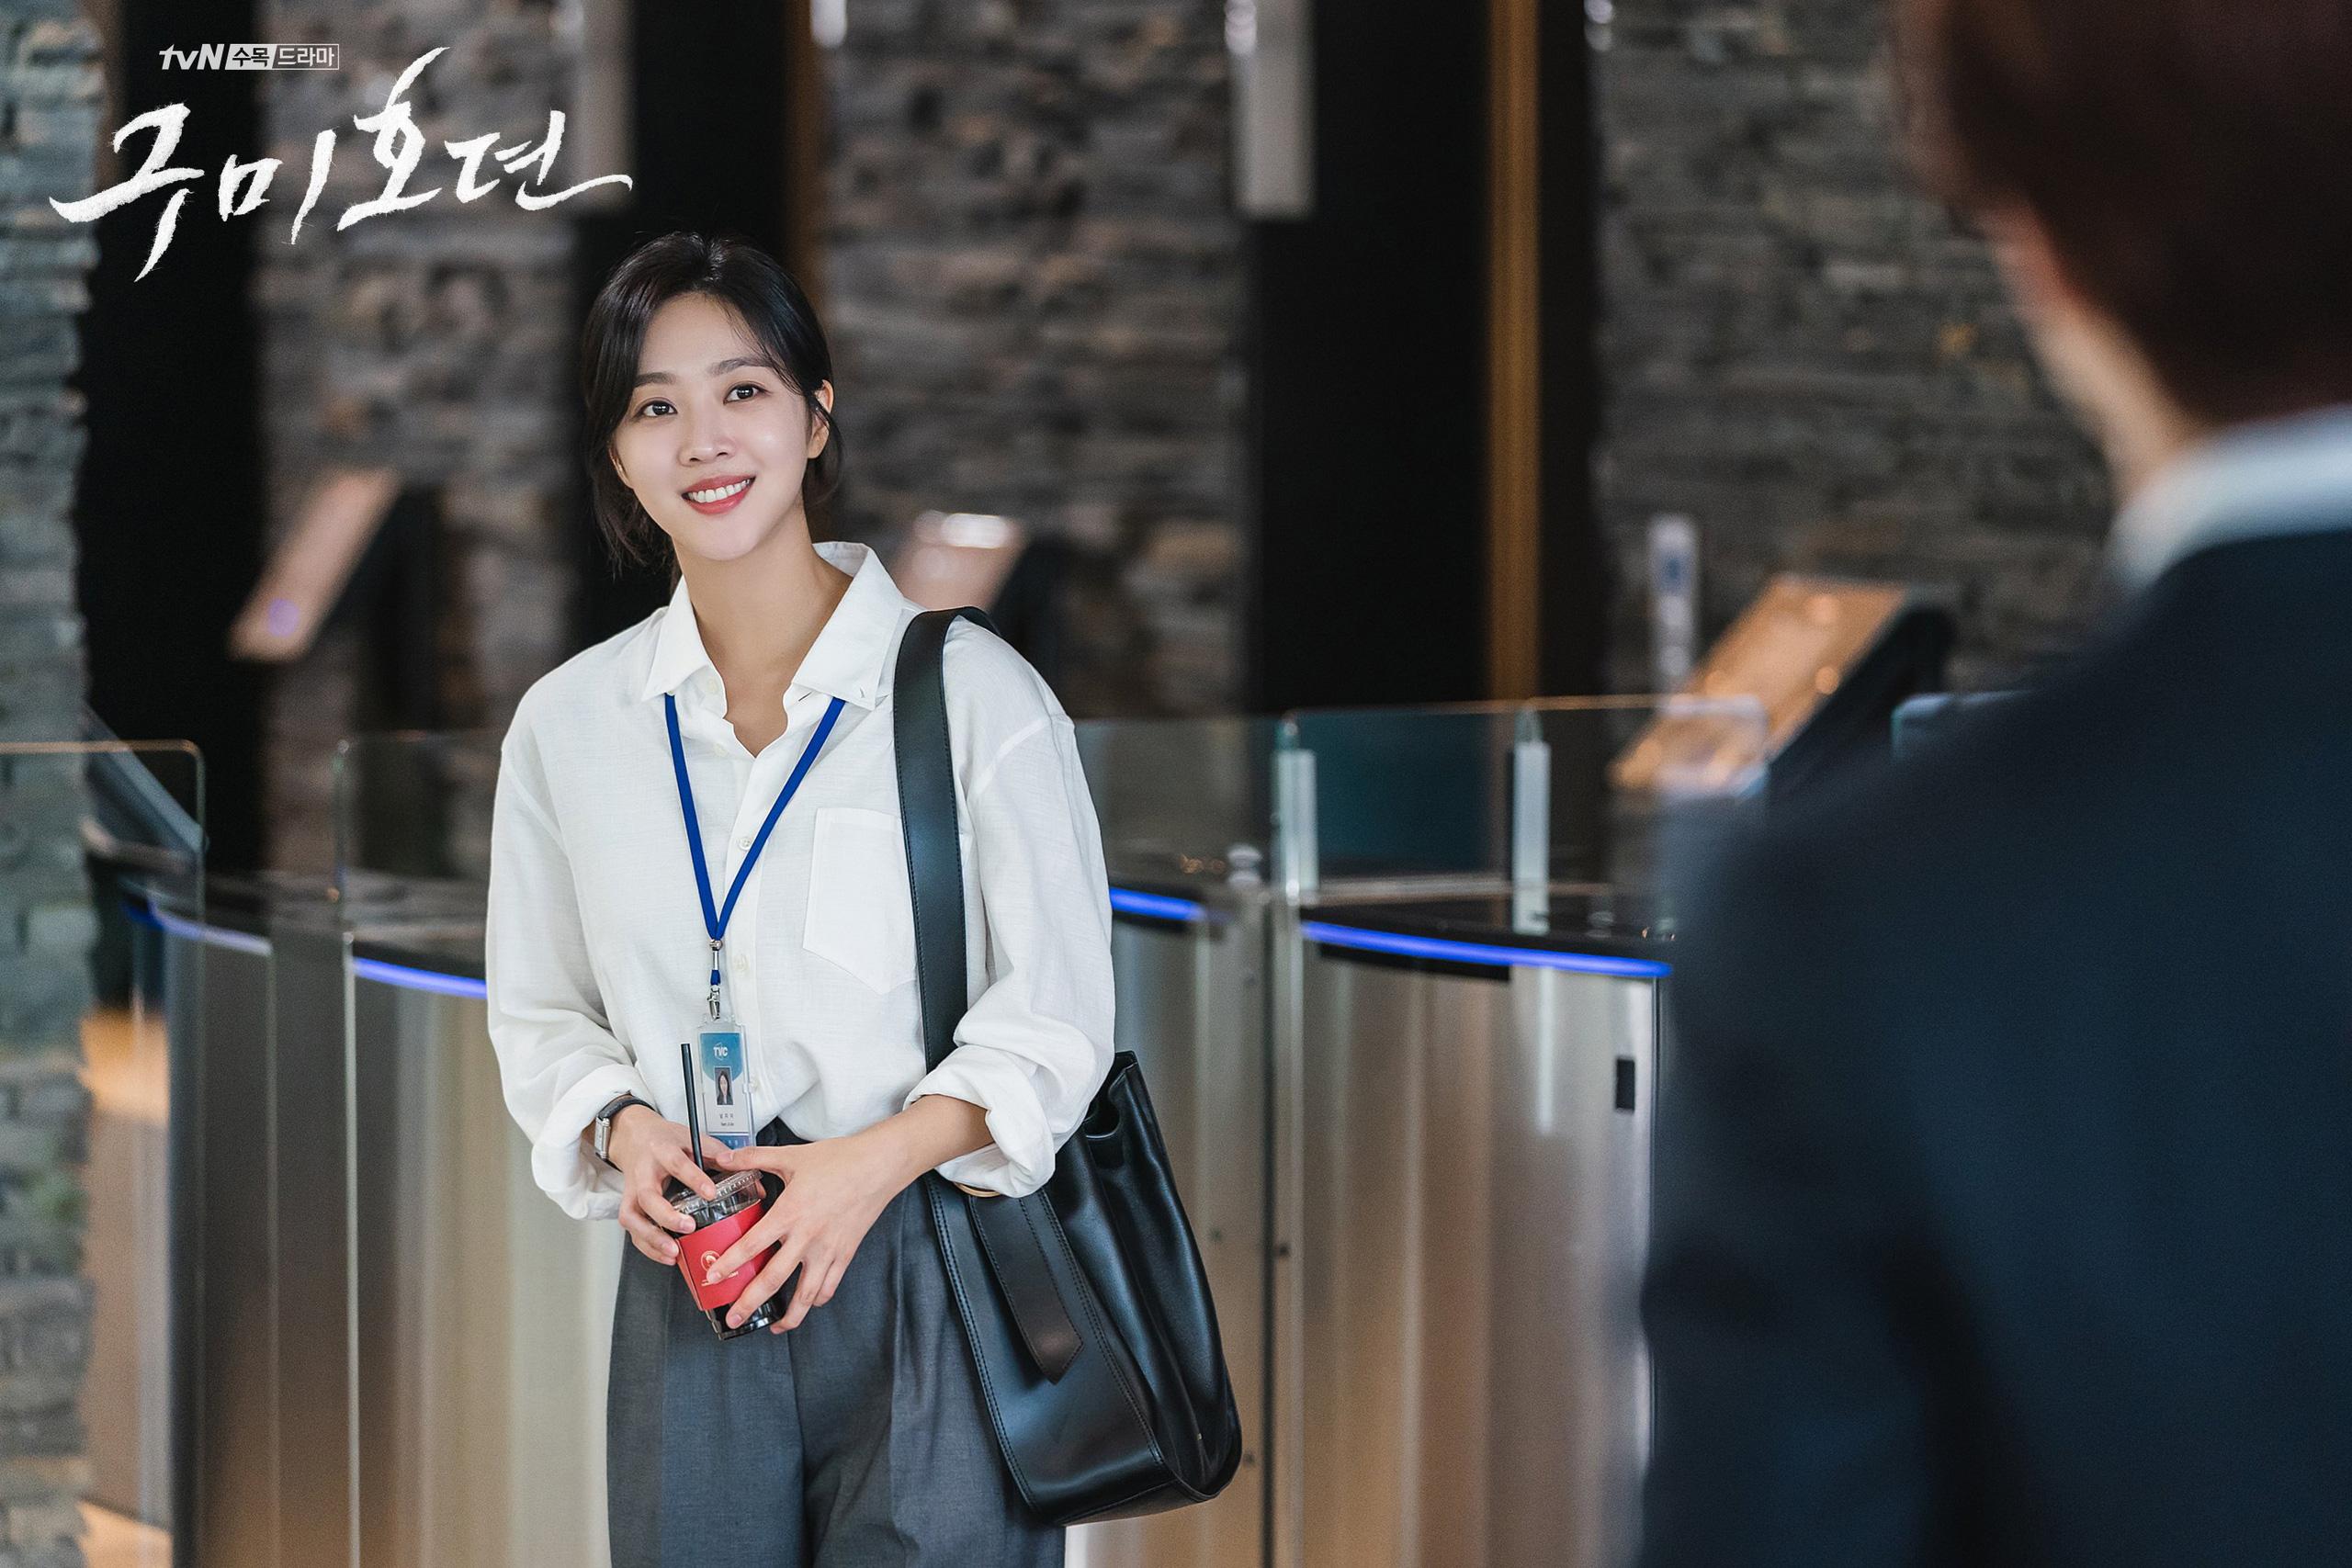 11 outfit công sở hot nhất trong các drama Hàn: Đơn giản và chuẩn thanh lịch, xua tan nỗi lo mặc xấu khi đi làm - Ảnh 3.